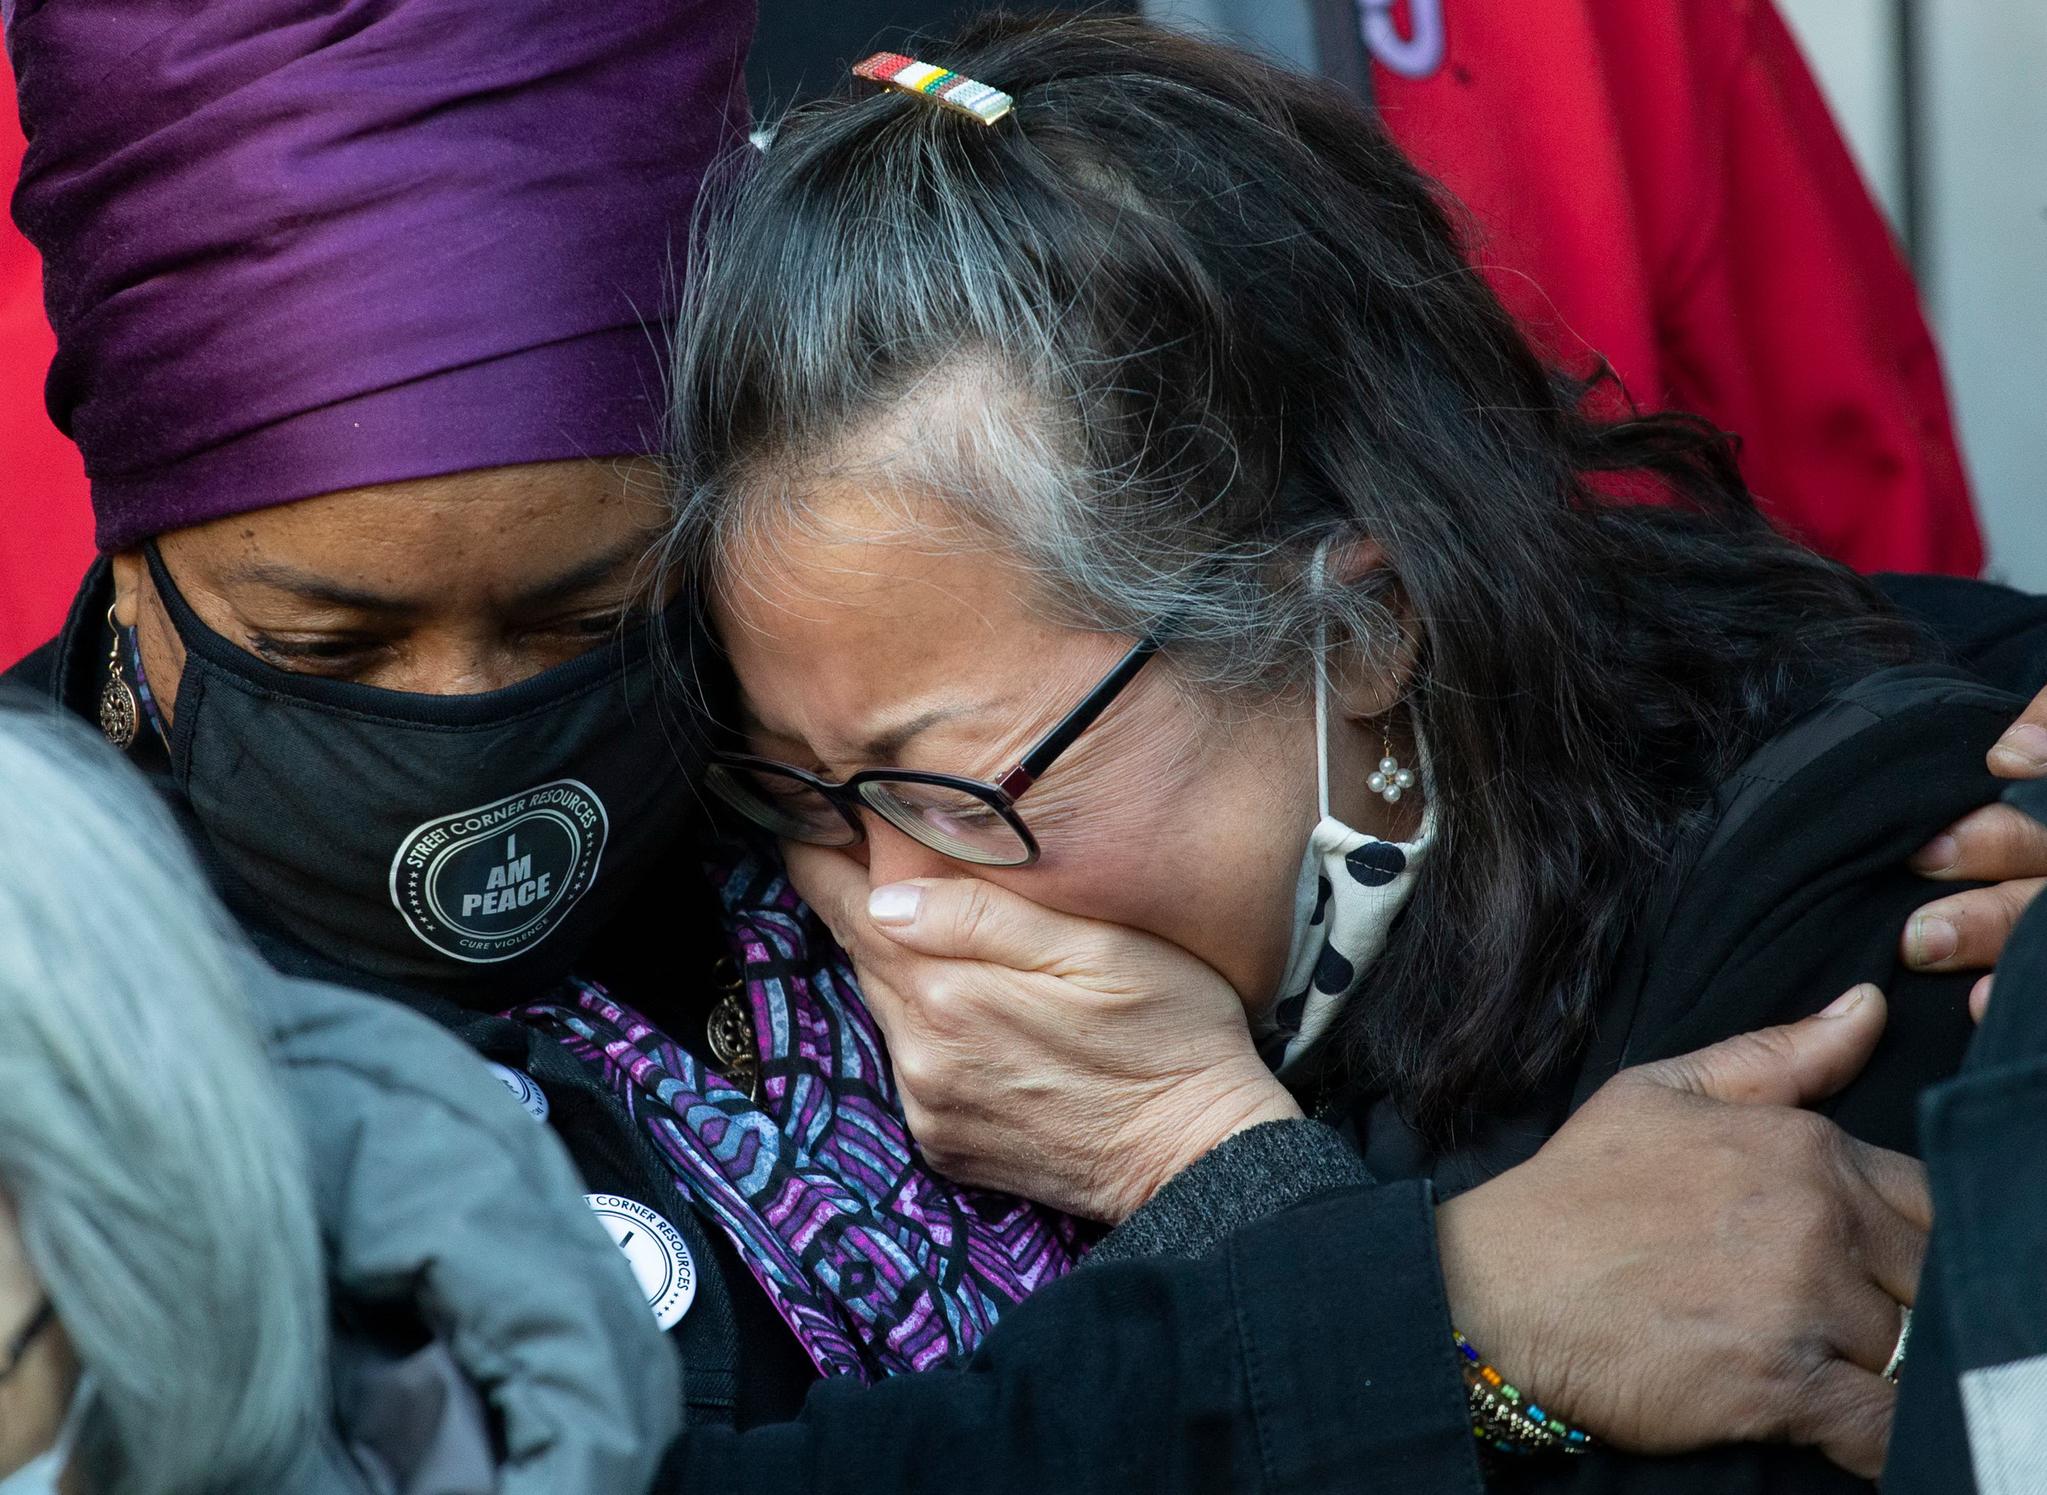 아시안계 미국인 단체 임원인 조안 유(Jo-Ann Yoo)씨가 30일(현지시간) 전날 65세 아시아 여성이 흑인에게 무차별 폭행을 당한 미국 뉴욕 맨해튼 거리의 현장에서 열린 기자회견에서 연설을 한 뒤 오열하고 있다. AFP=연합뉴스